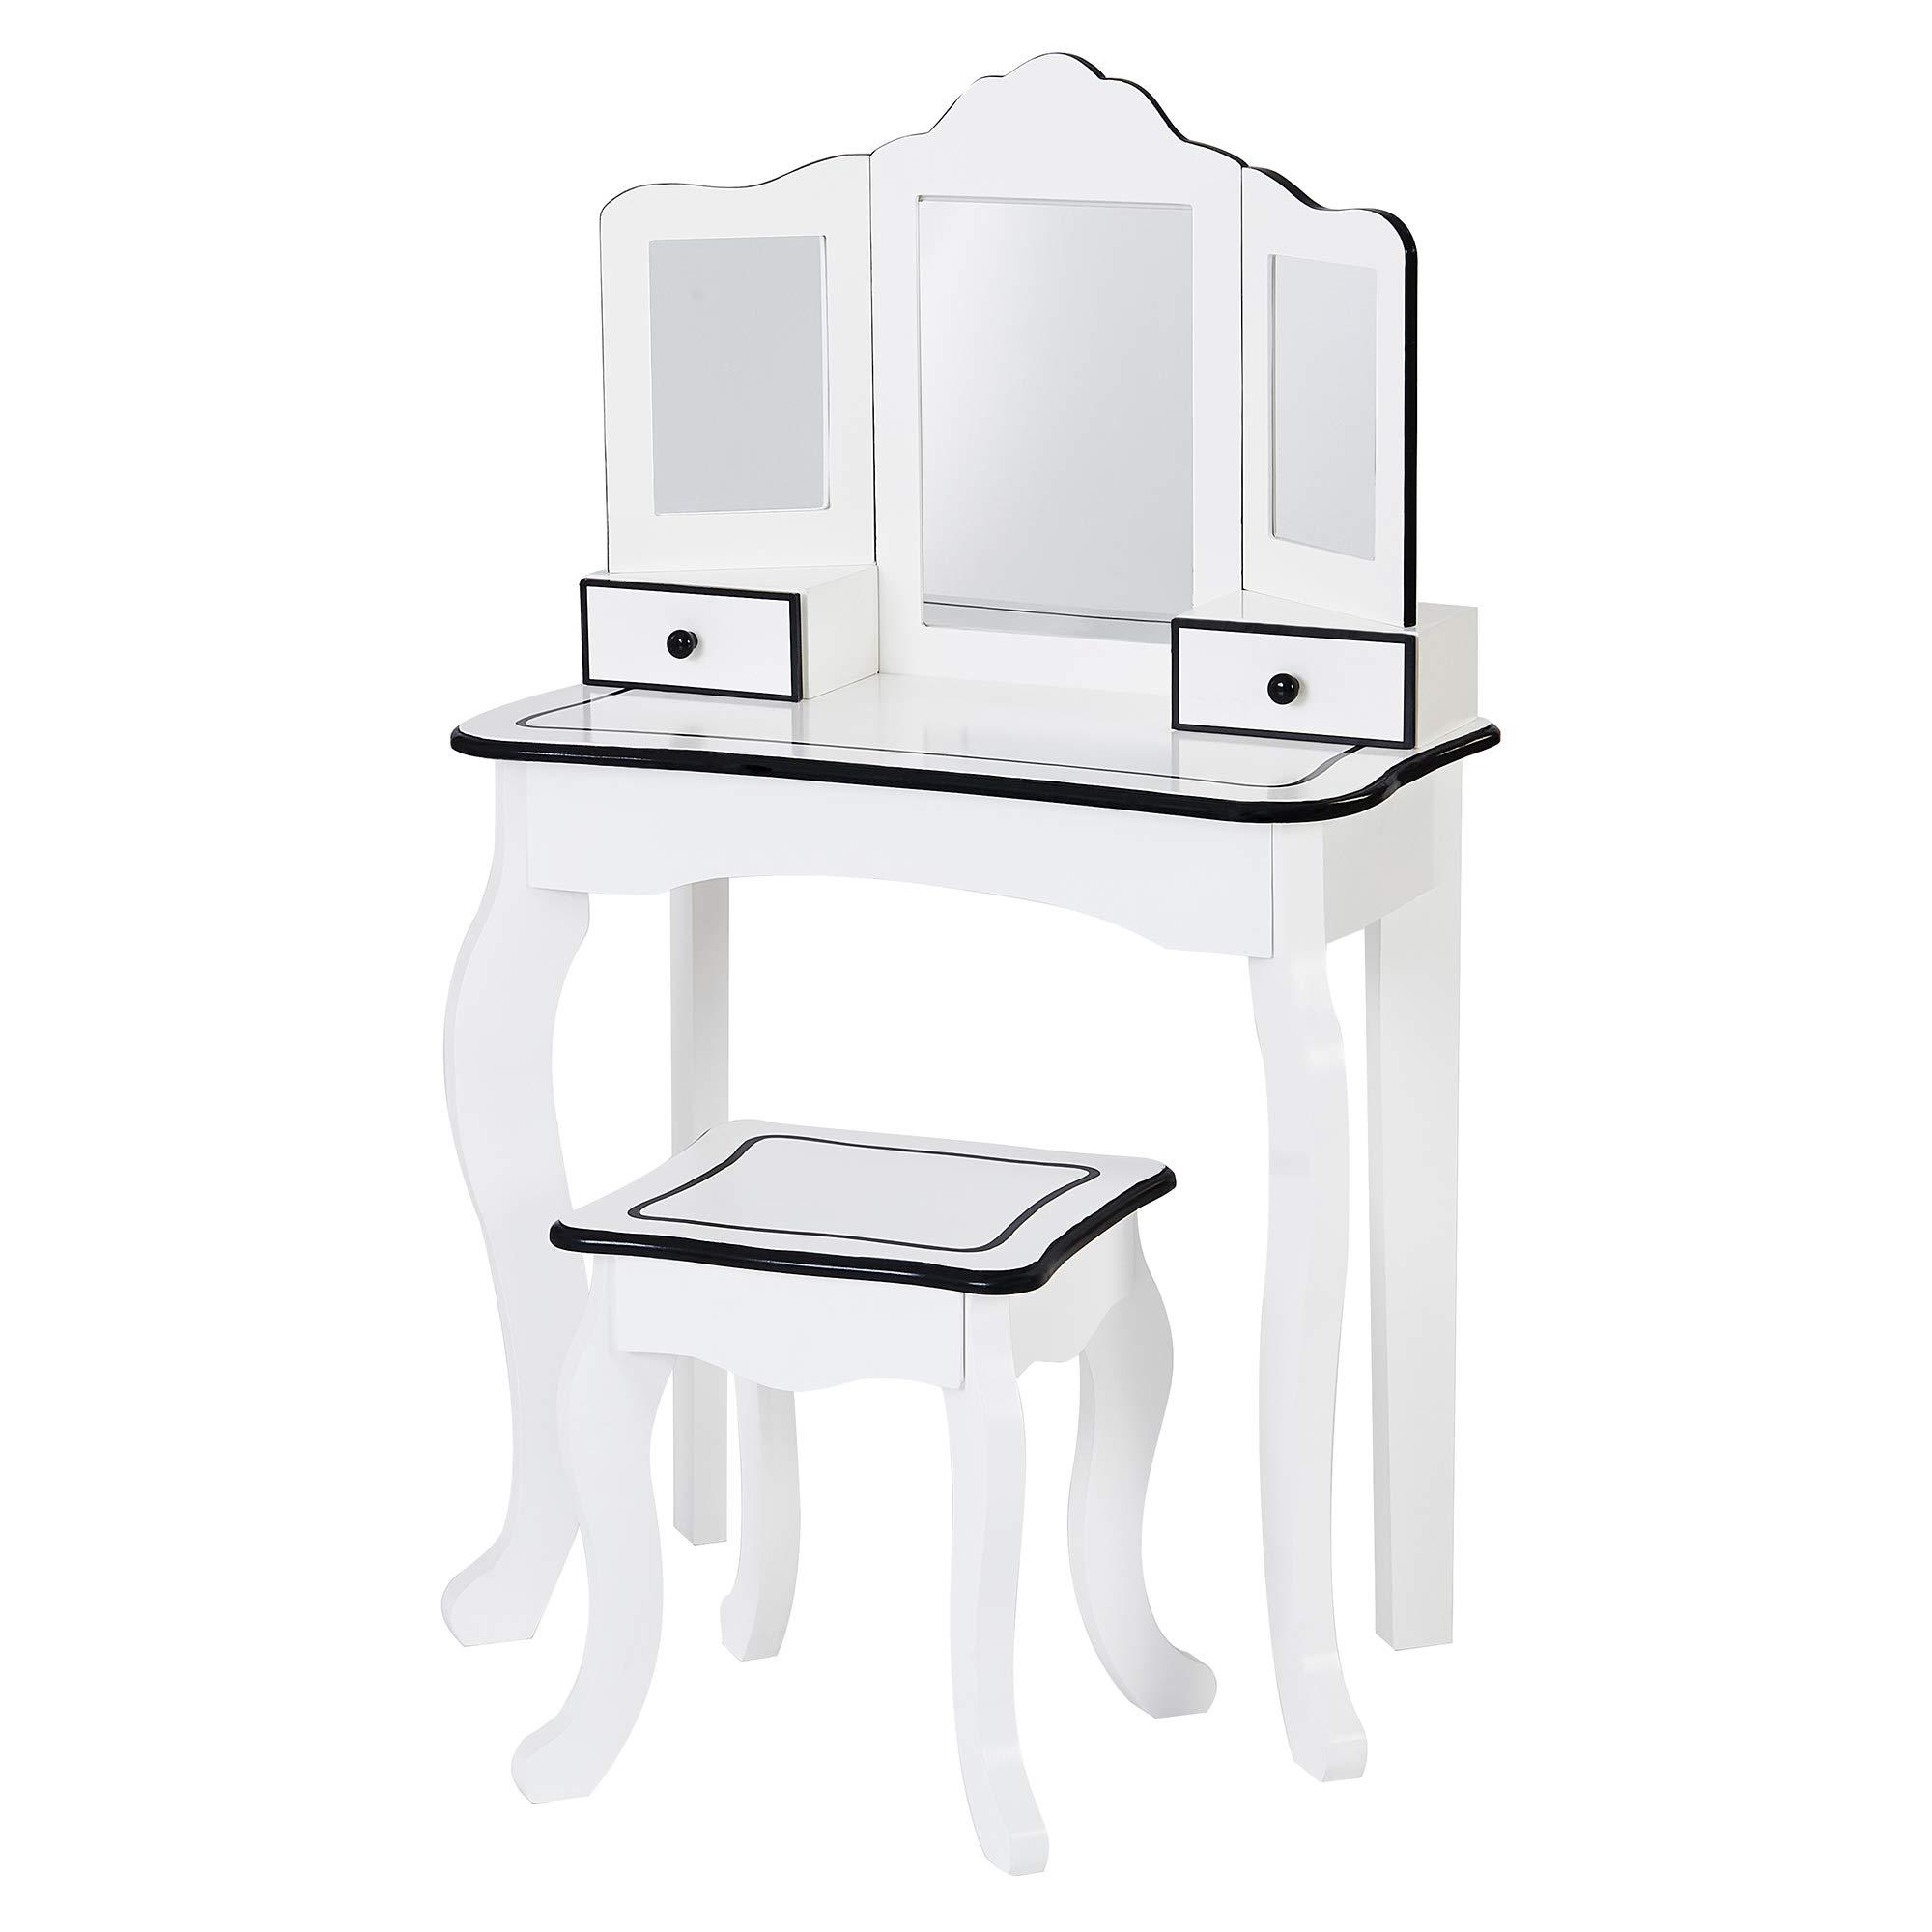 Teamson Kids - Little Lady Adriana Play Vanity Set - White / Black by Teamson Kids